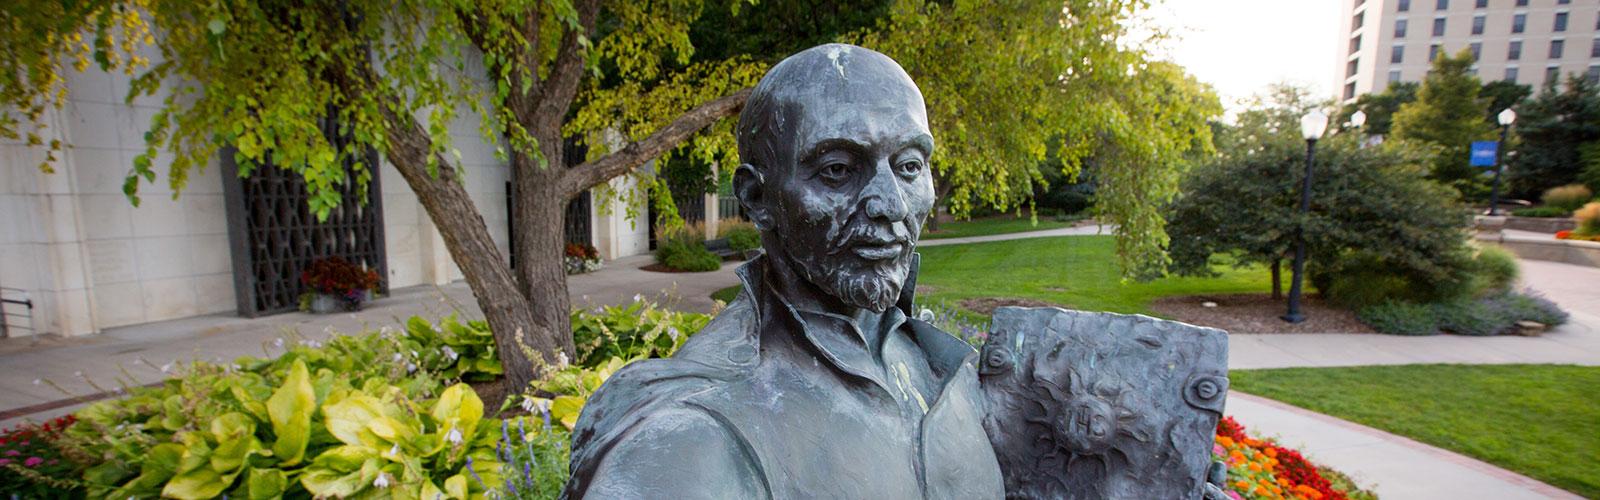 St. Ignatius statue outdoors on Creighton campus